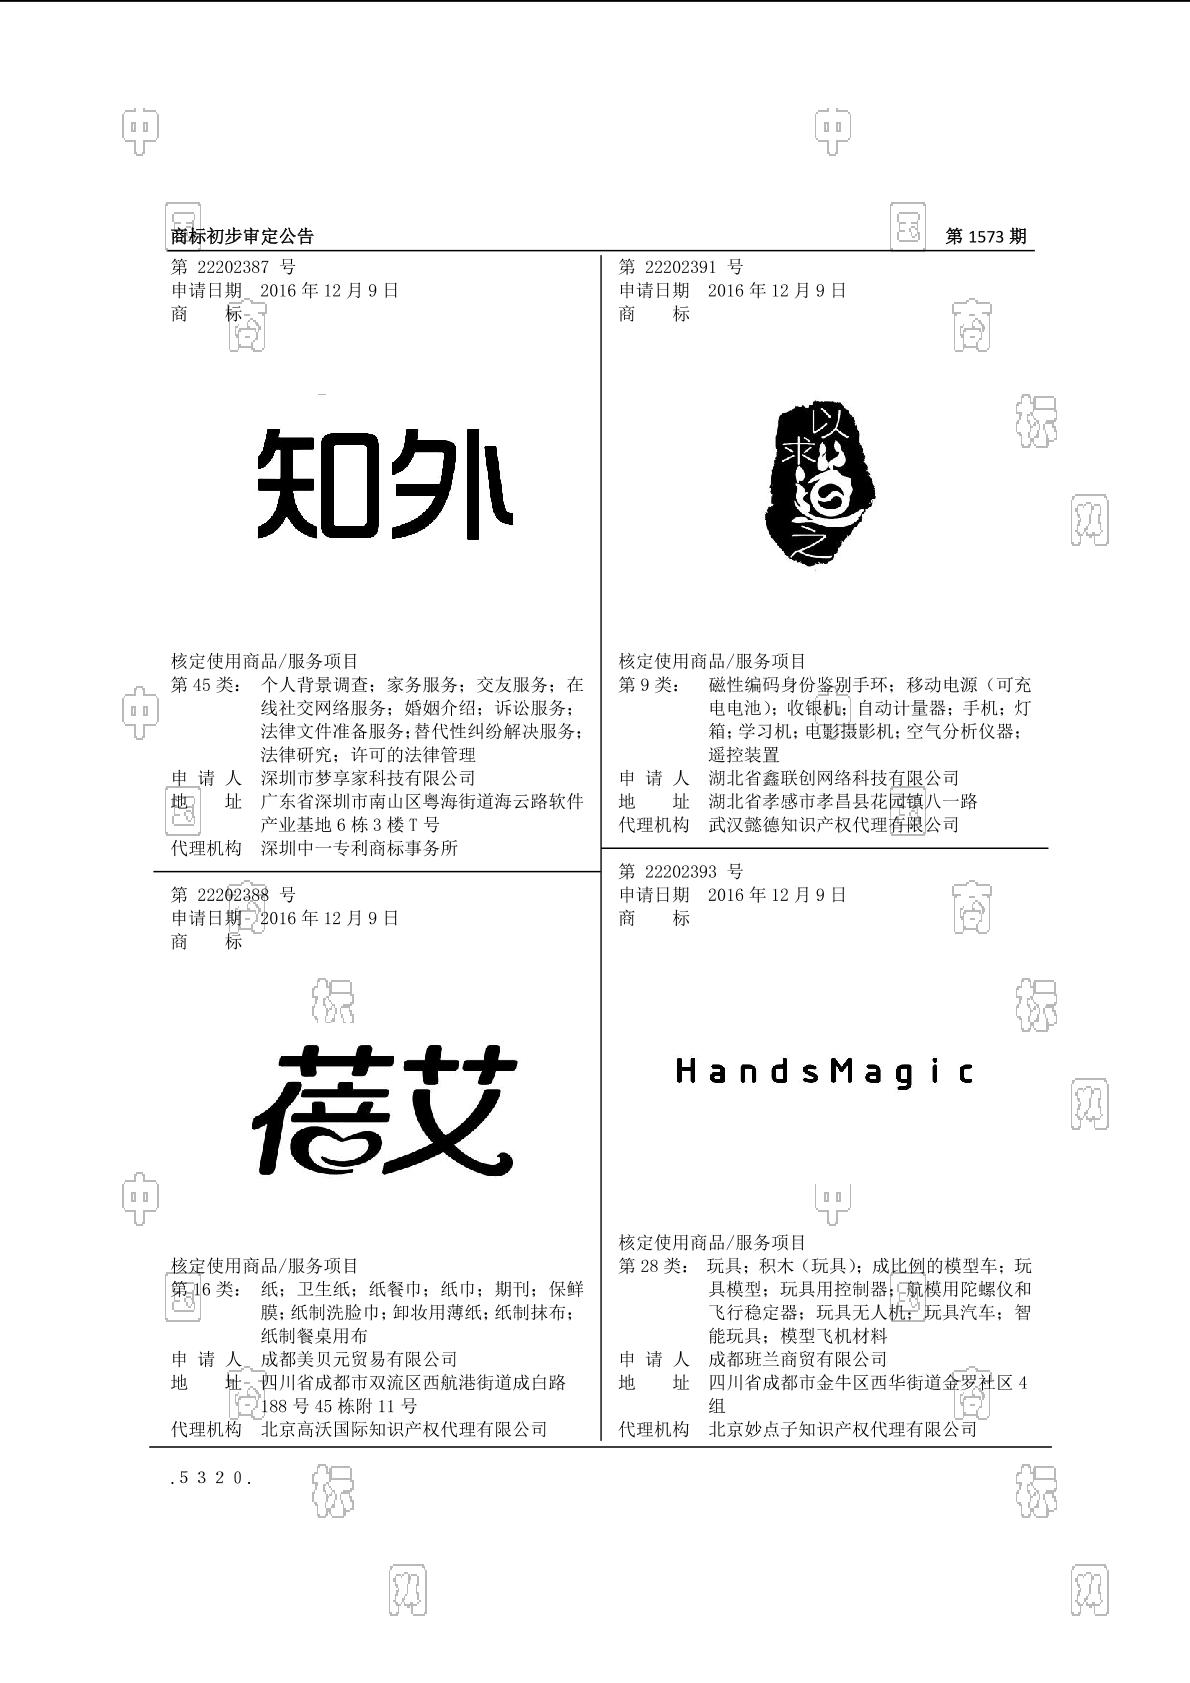 【社标网】知外商标状态注册号信息 深圳市梦享家科技有限公司商标信息-商标查询